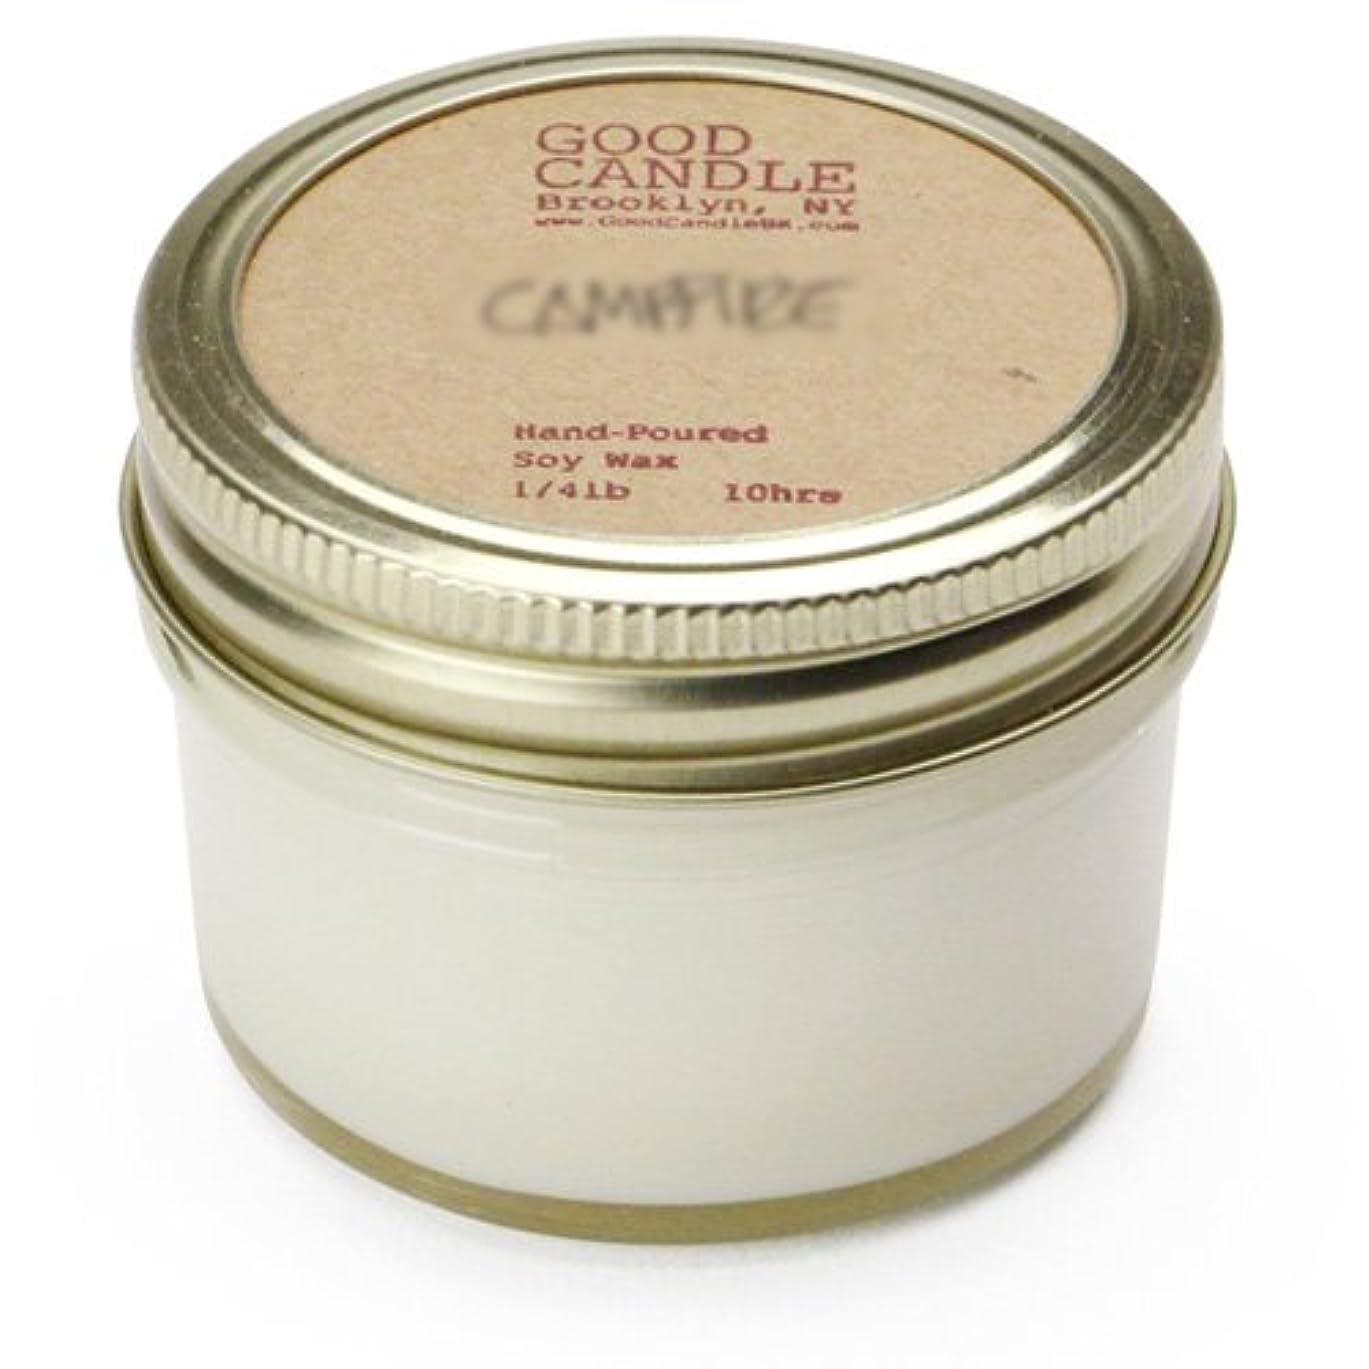 冷酷な受け取る殺人グッドキャンドル 1/4ポンド ゼリージャー キャンドル Good Candle 1/4LB Jelly jar candle [ Camp fire ] 正規品